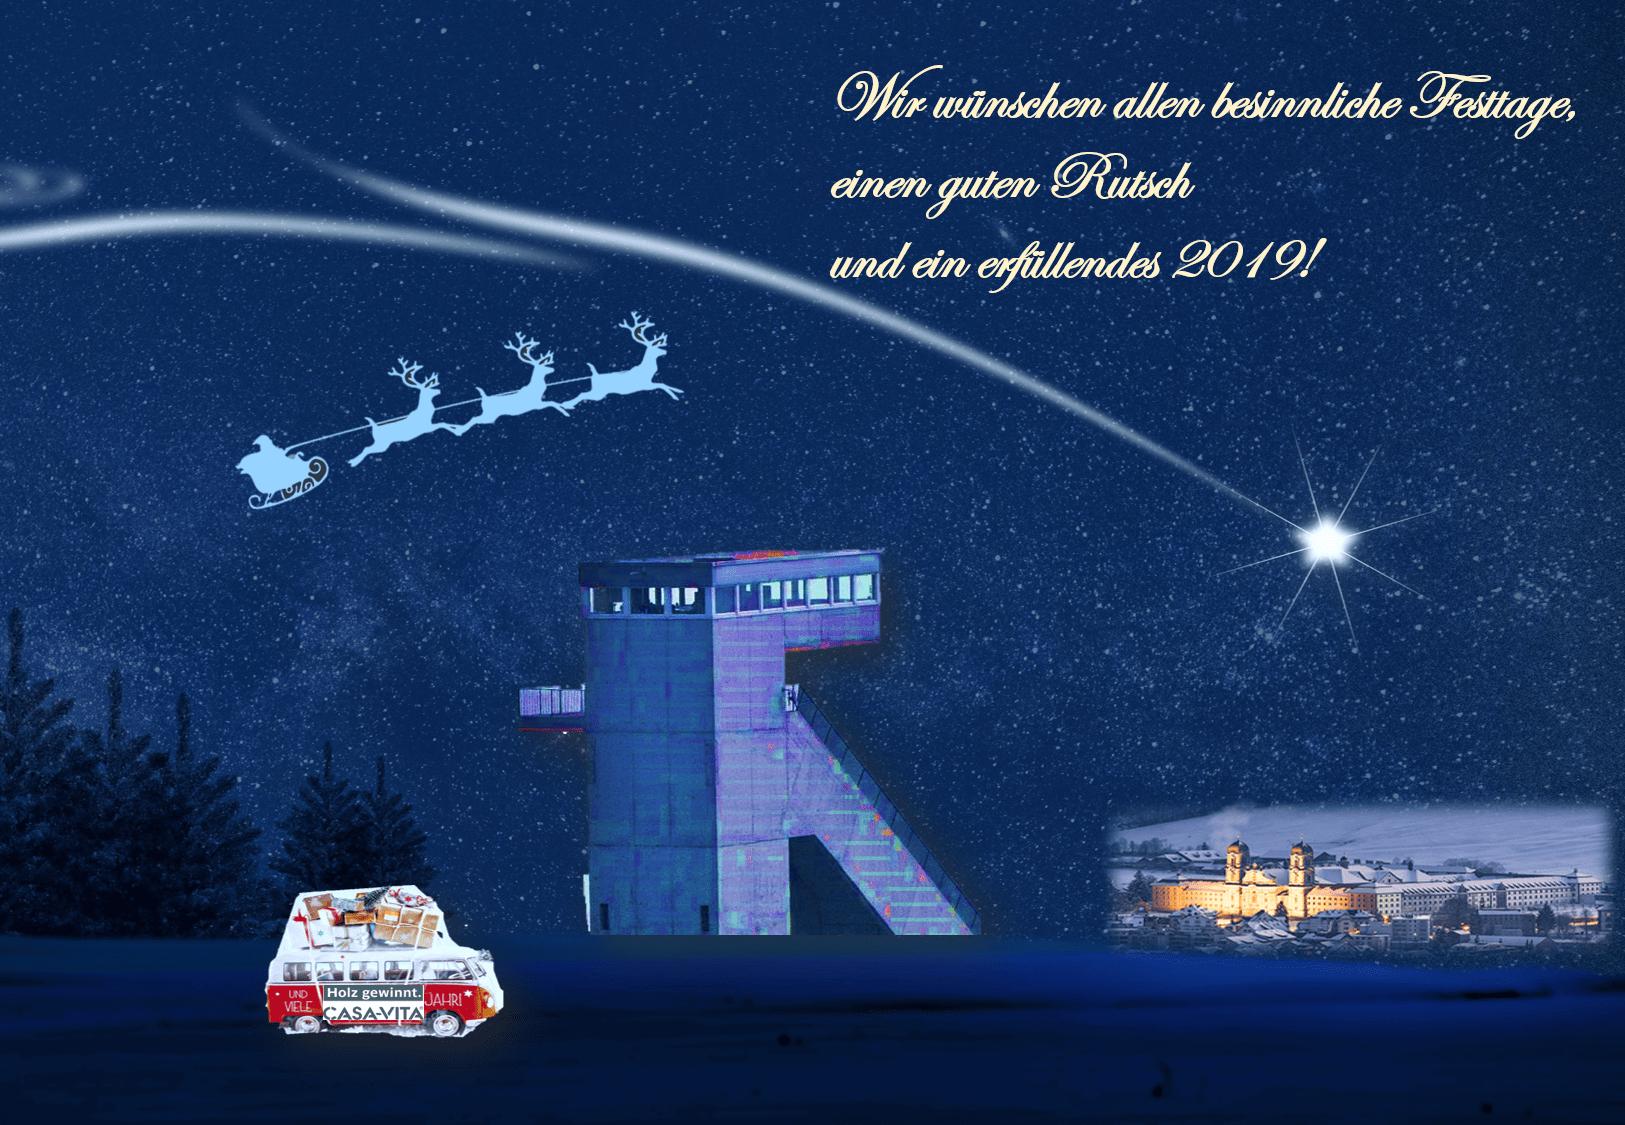 Wir wünschen allen Frohe Festtage & ein zufriedenes 2019!